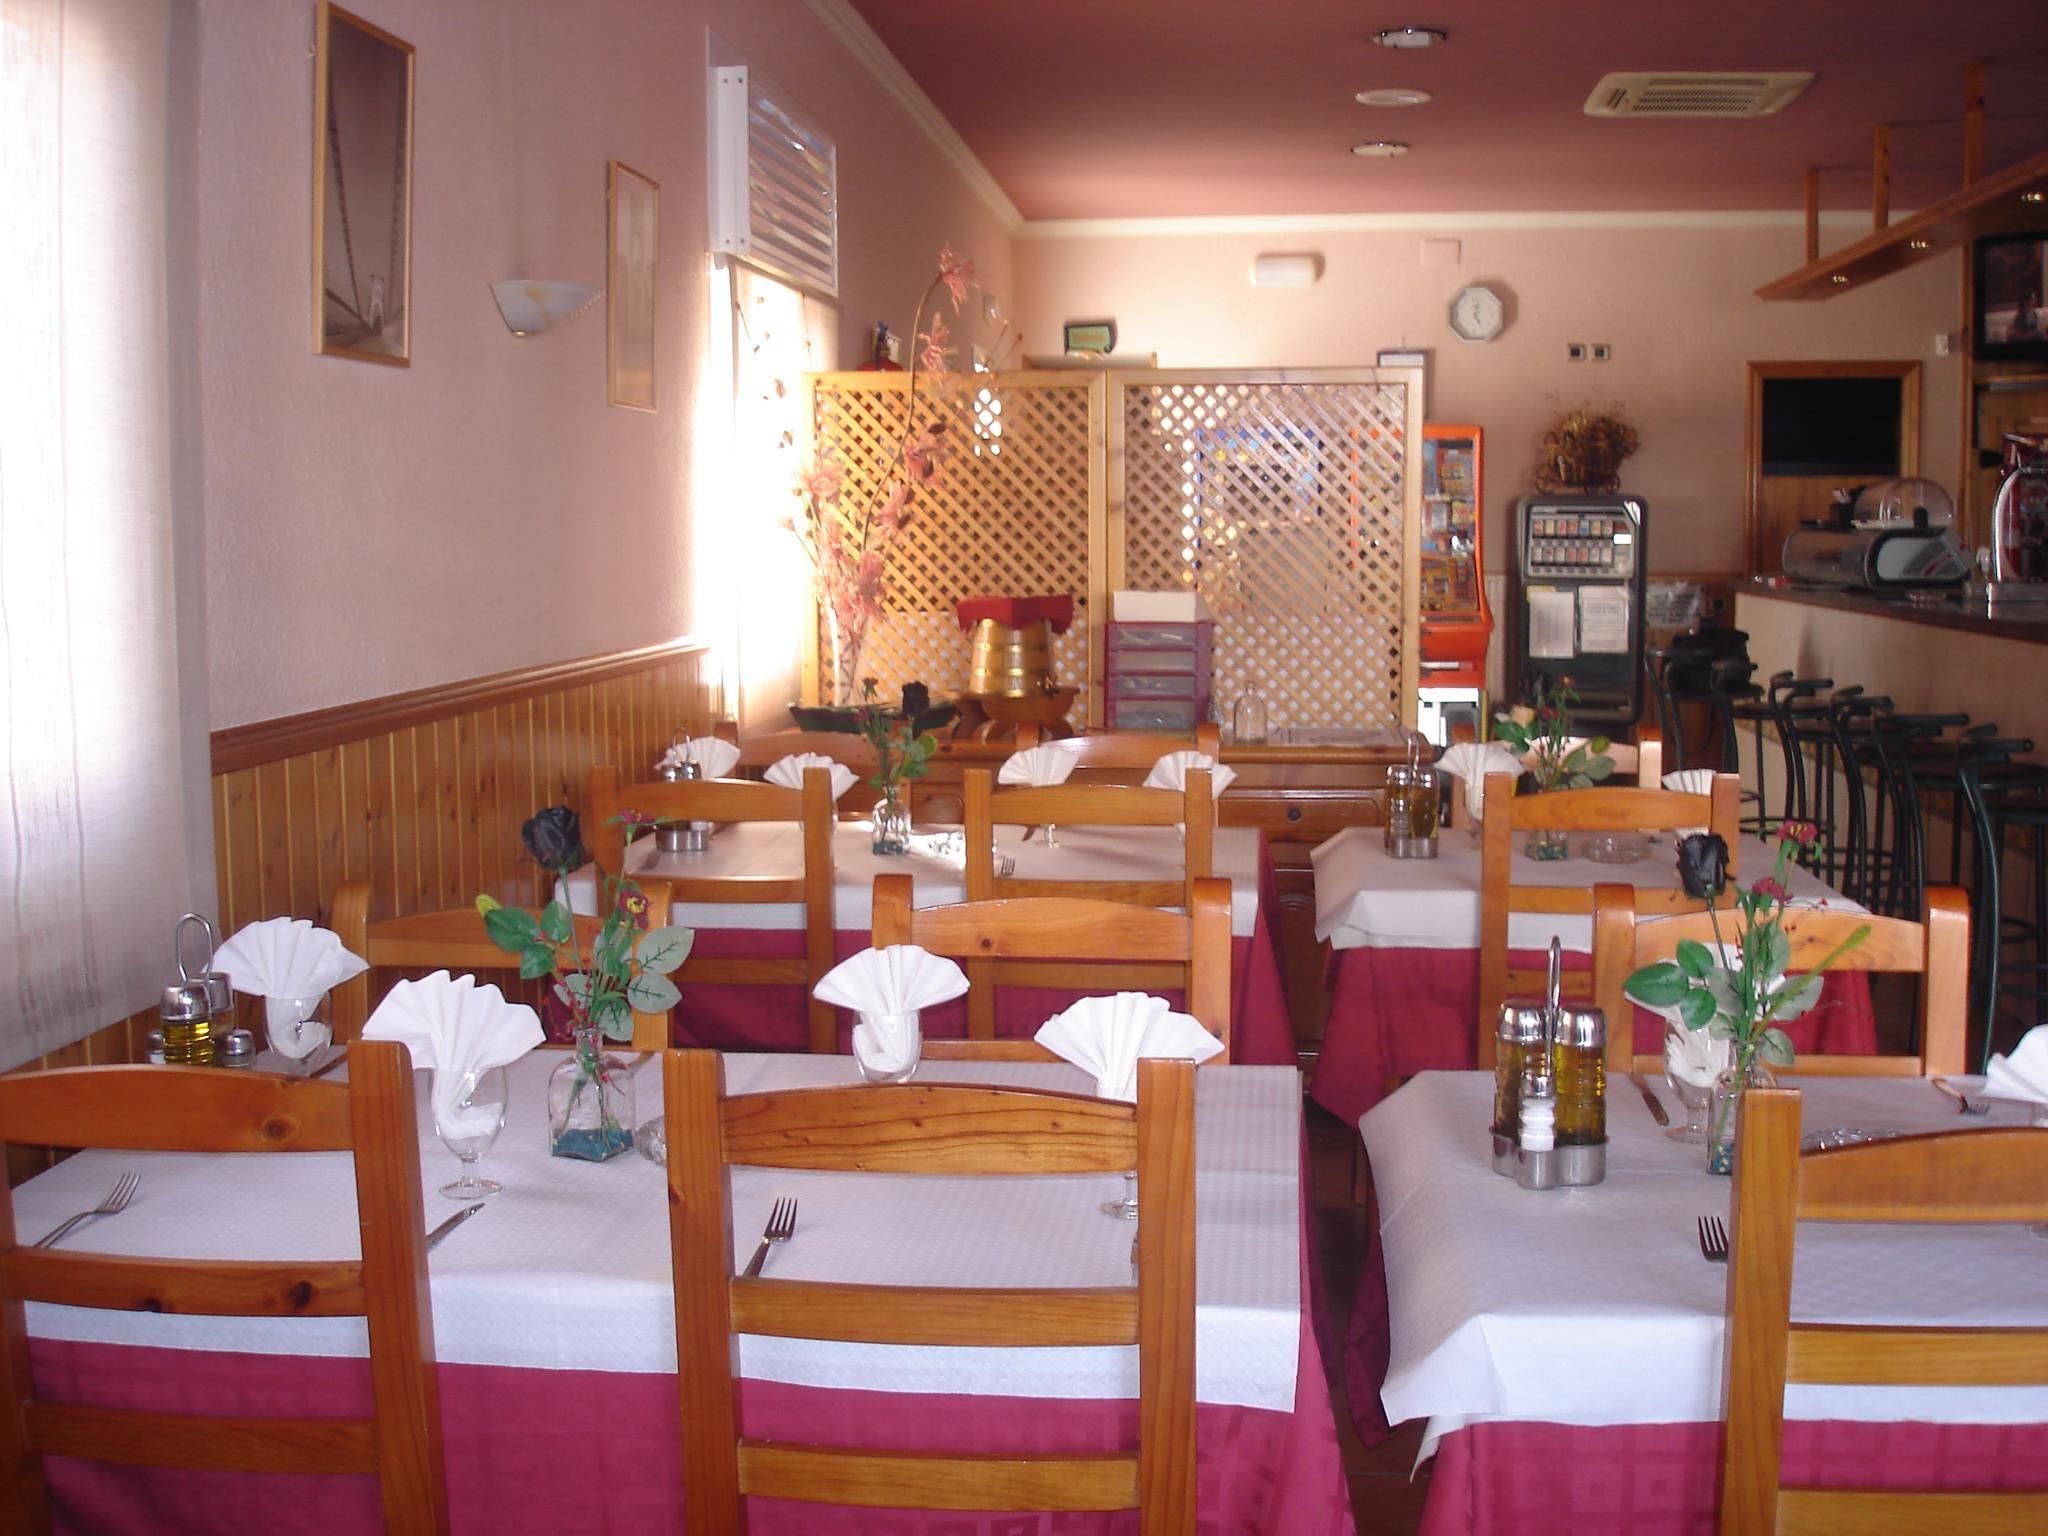 Restaurante cocina tradicional Amposta